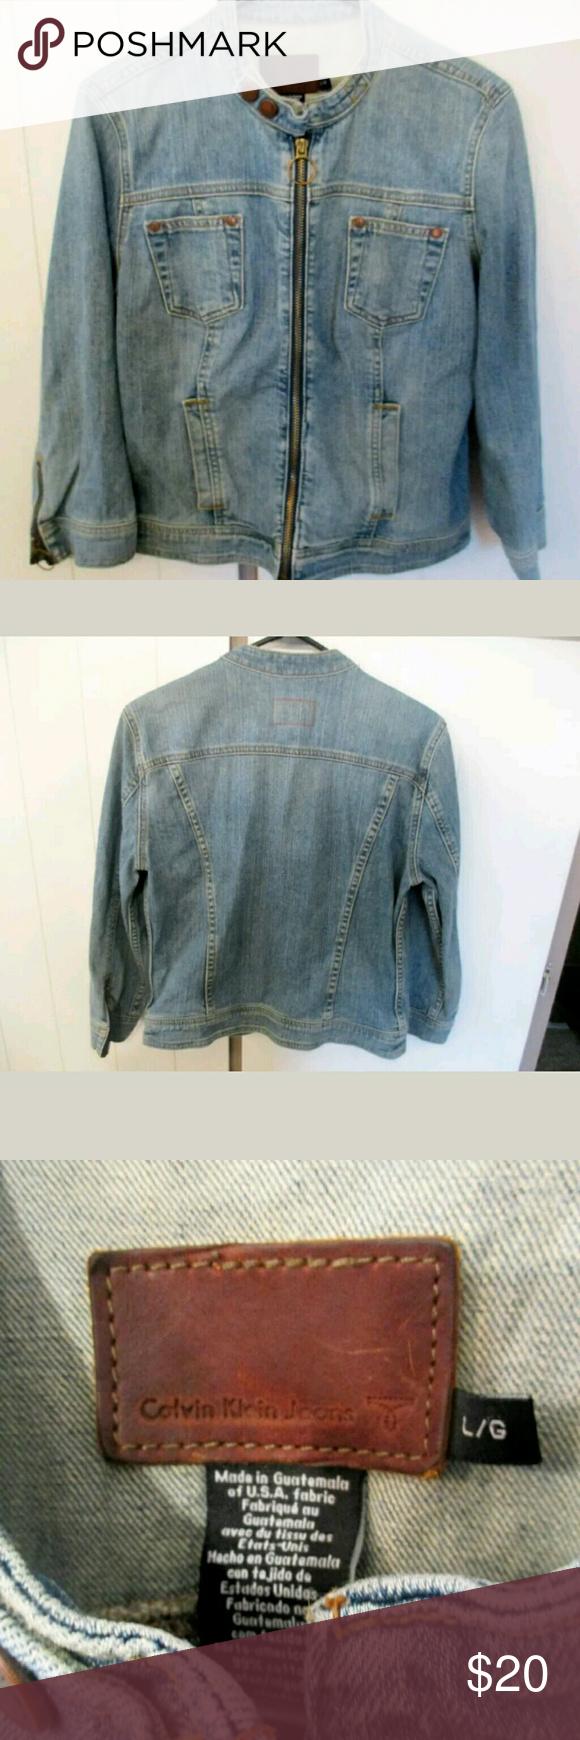 Calvin klein denim moto jacket True to size.. not much